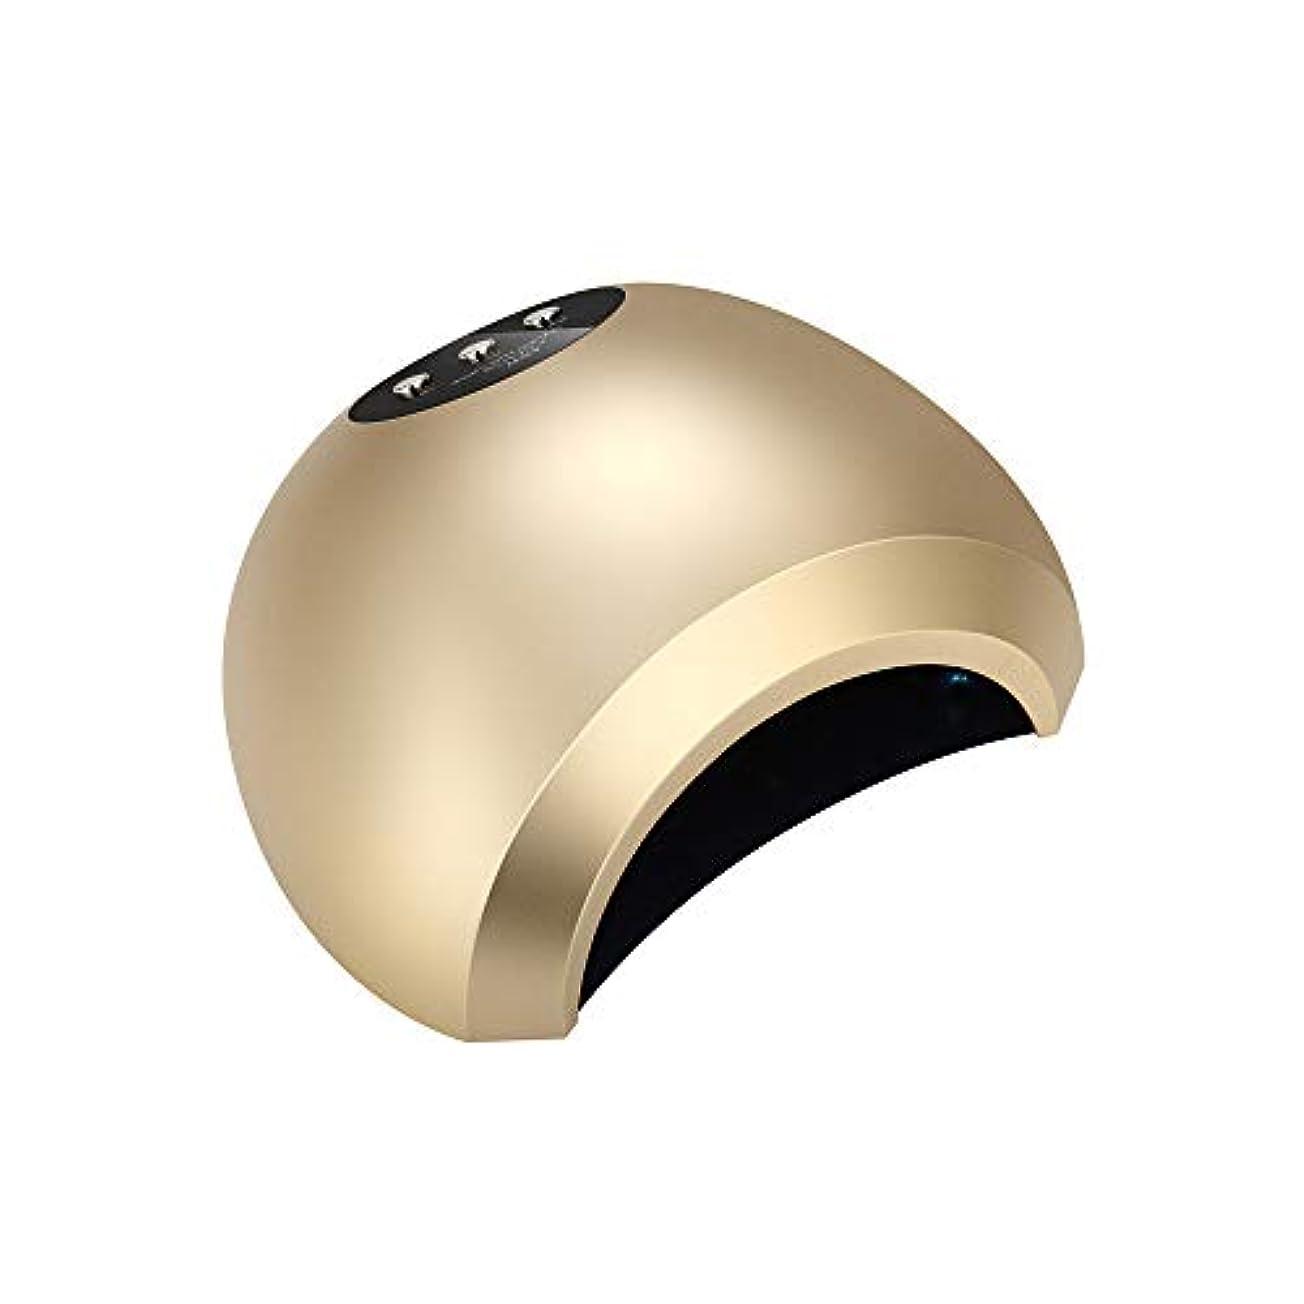 ロゴ言い訳アクセシブル48Wインテリジェント誘導デュアル光源放熱無痛速乾性光線療法ランプネイルポリッシュグルーライト速乾性ドライヤーネイルポリッシュUVランプ